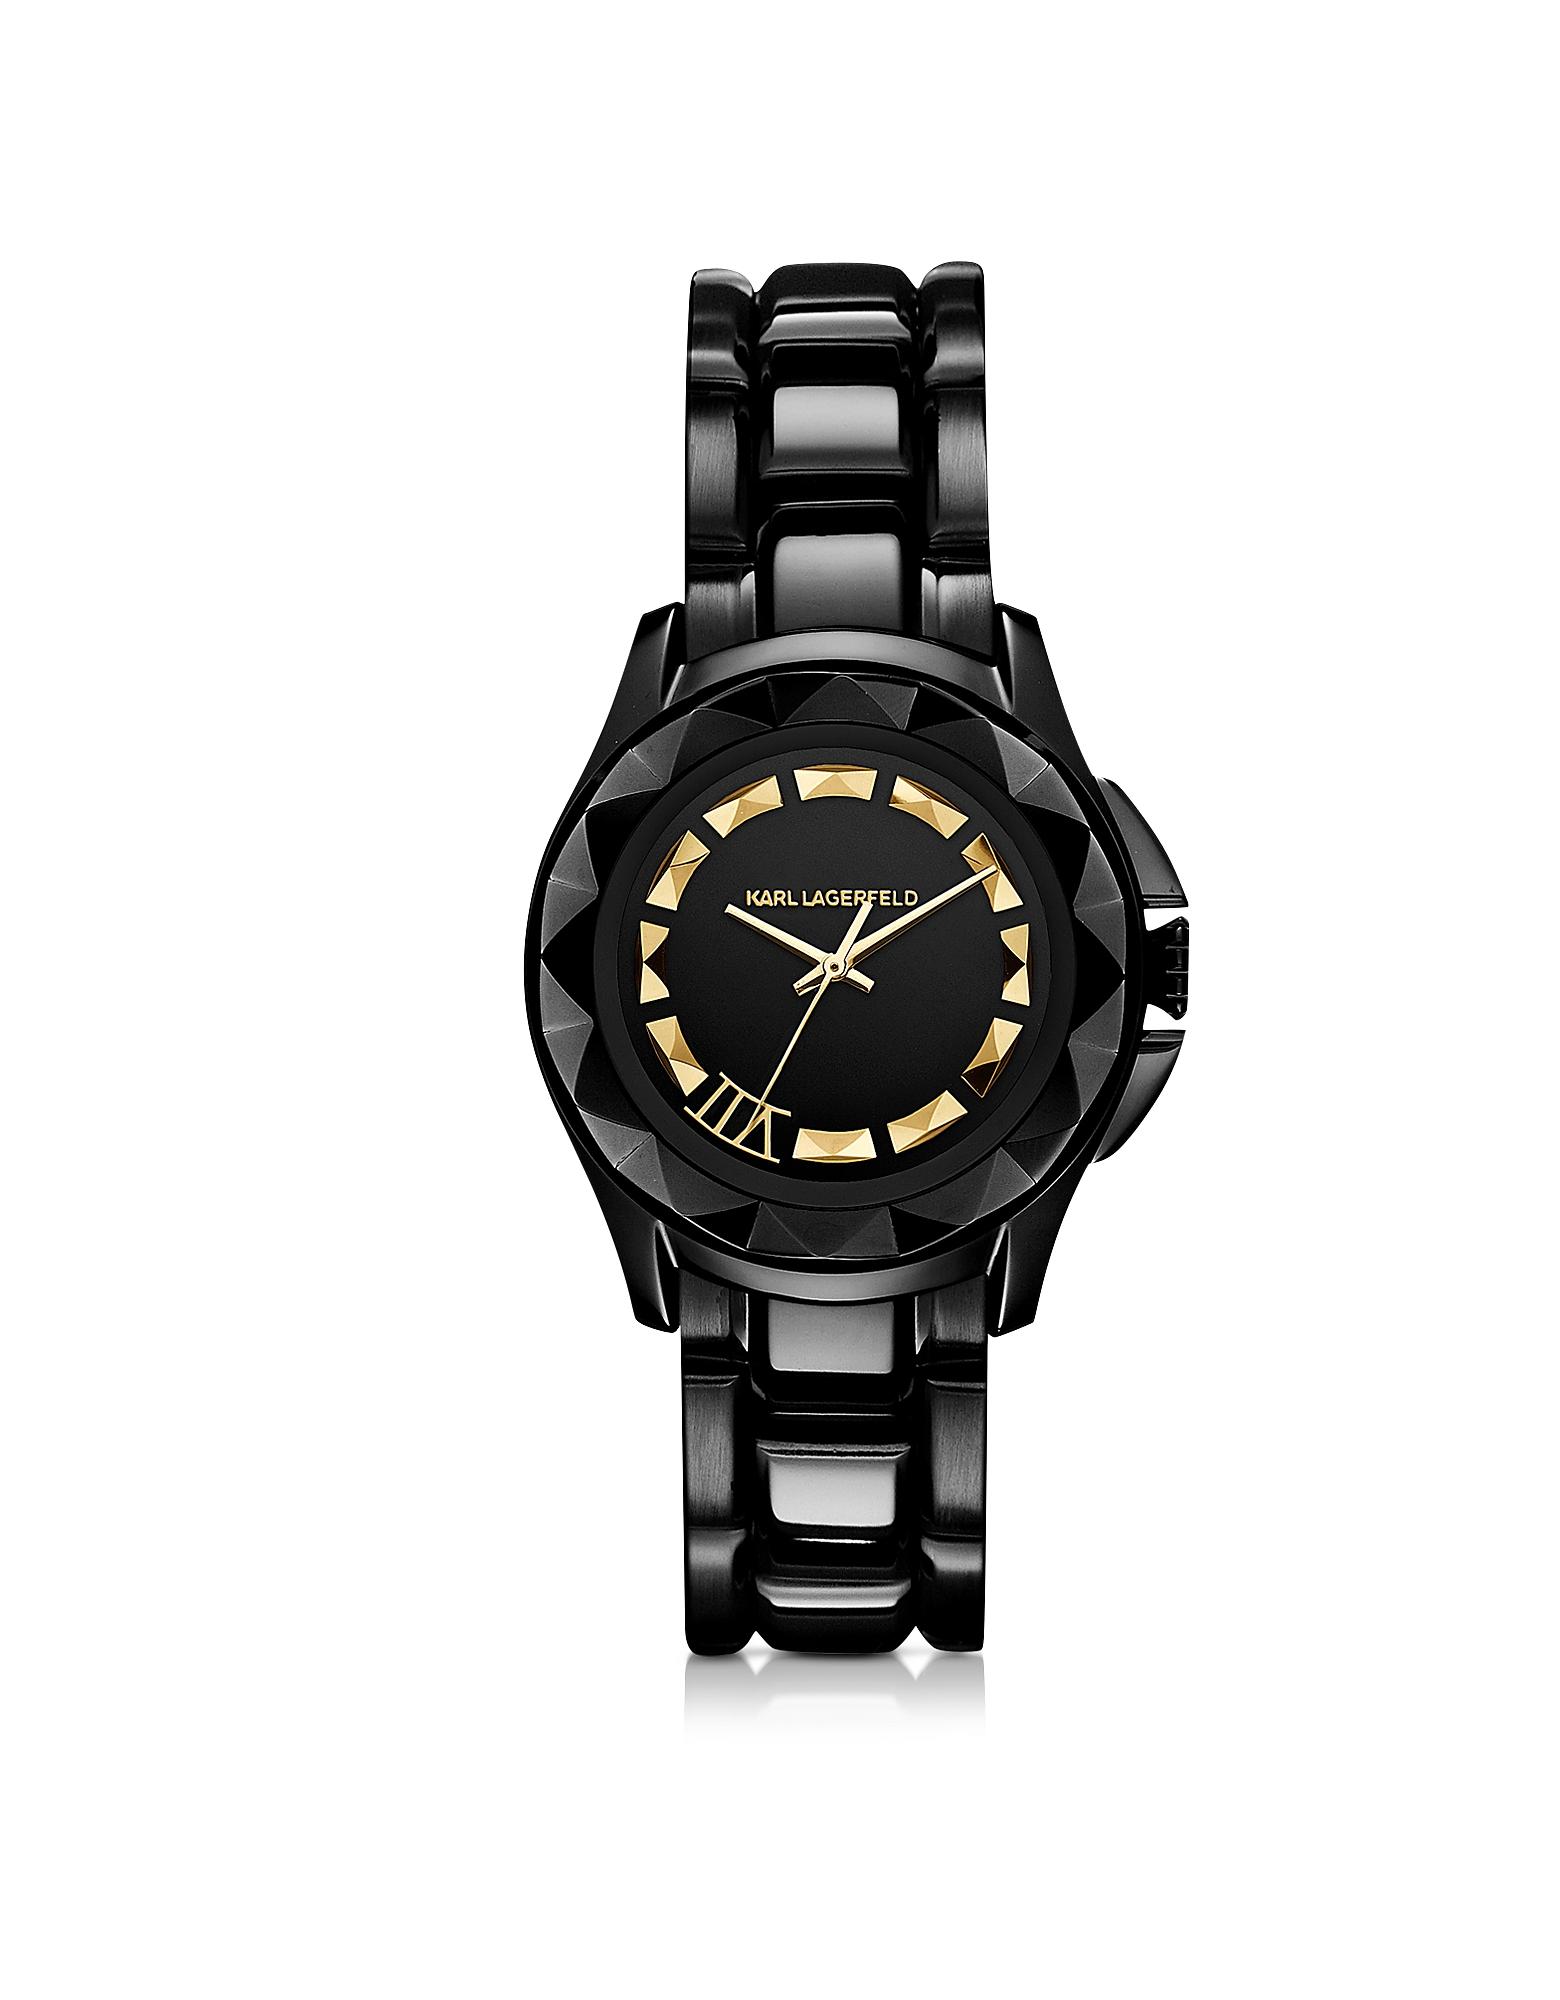 Karl Lagerfeld Karl 7 - 36 мм Черные/Позолоченные Часы Унисекс из Нержавеющей Стали